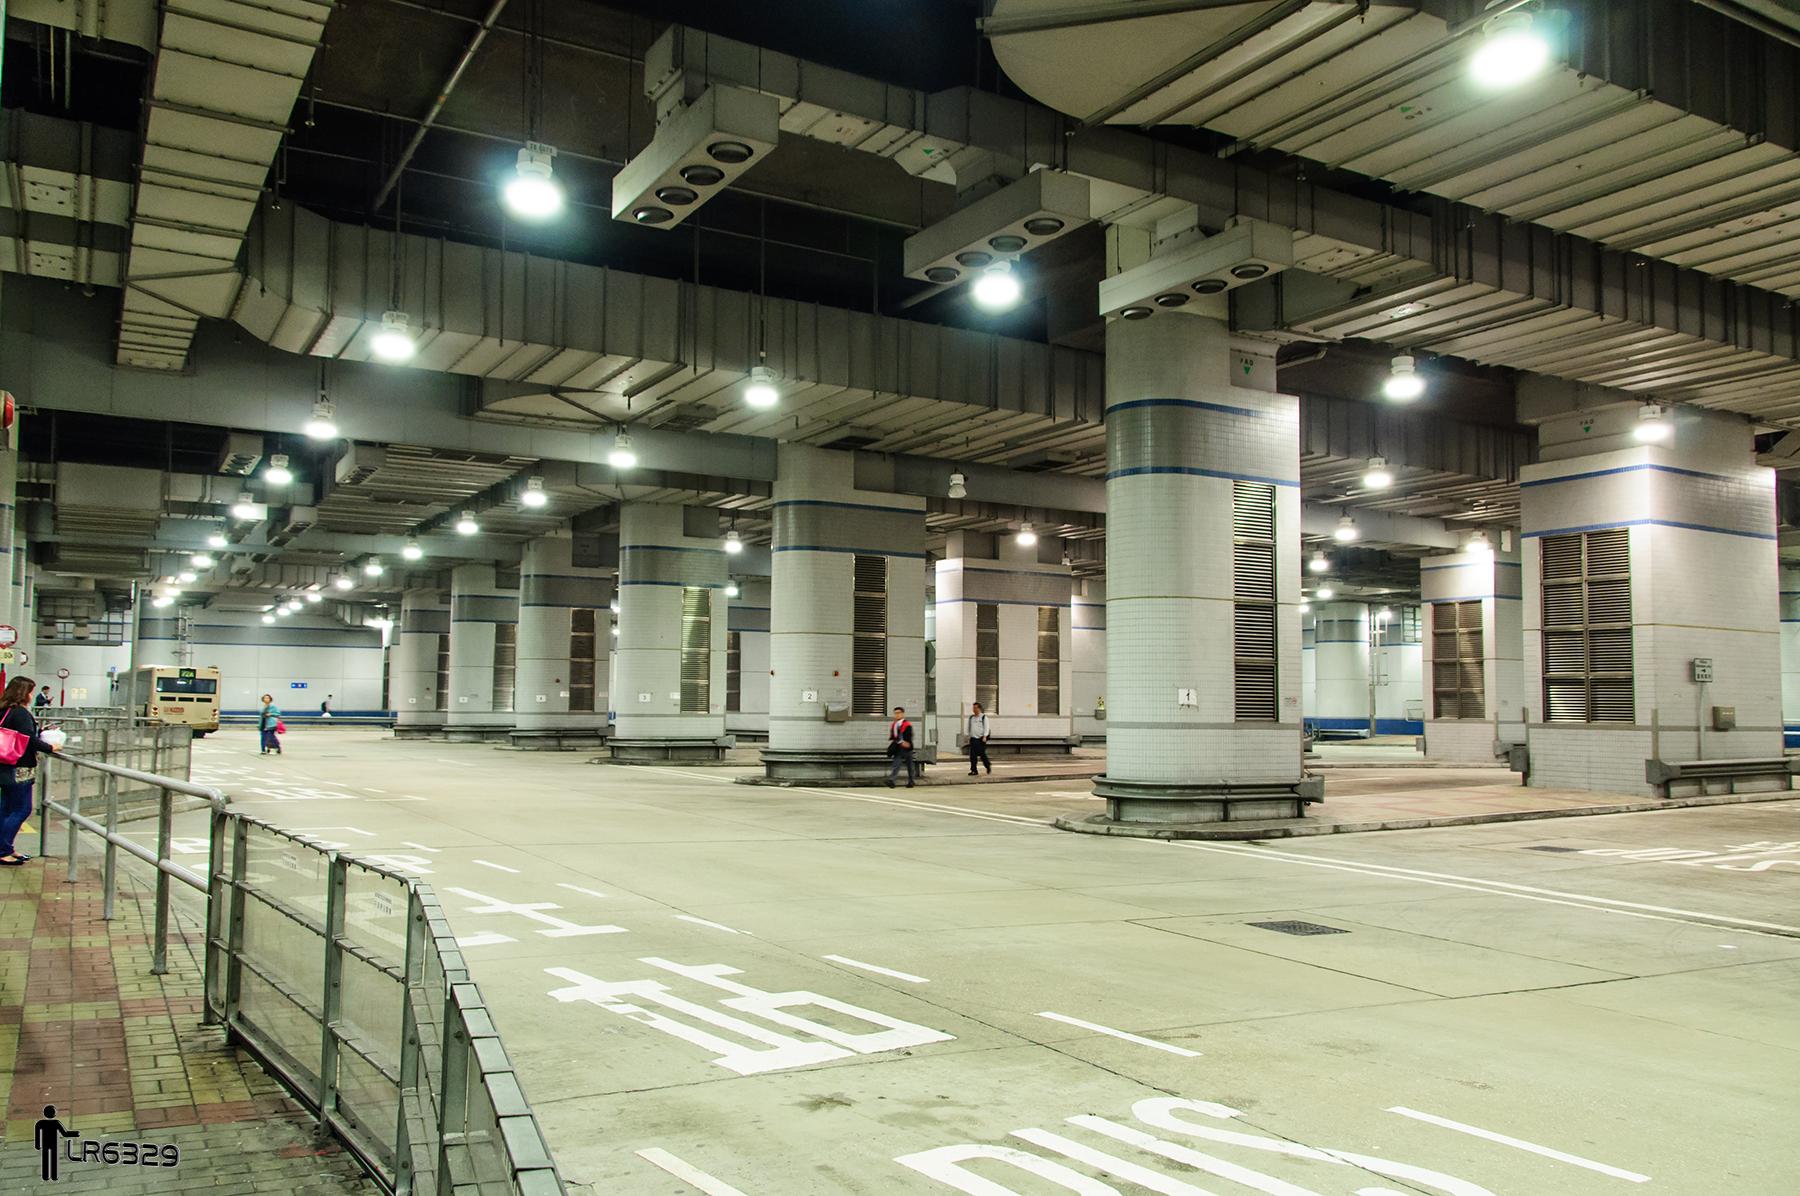 大圍站公共運輸交匯處